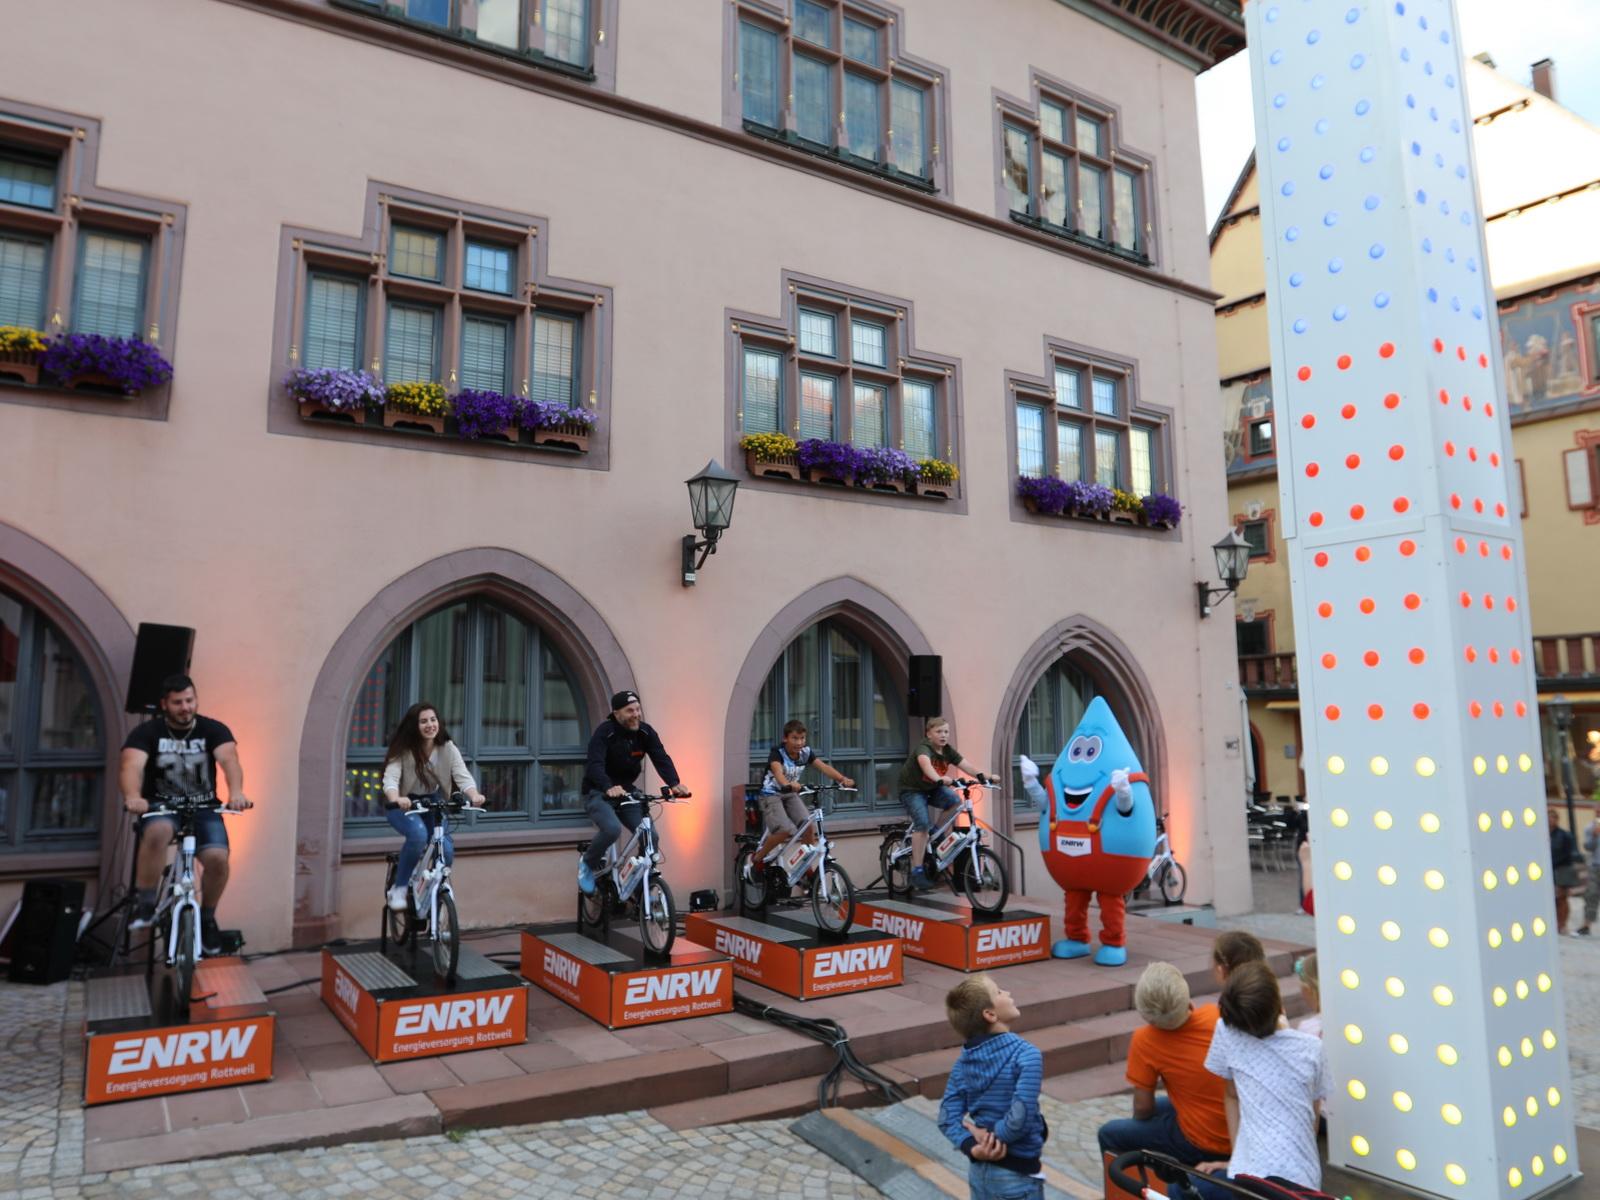 Blubbi feuert die Radfahrer an